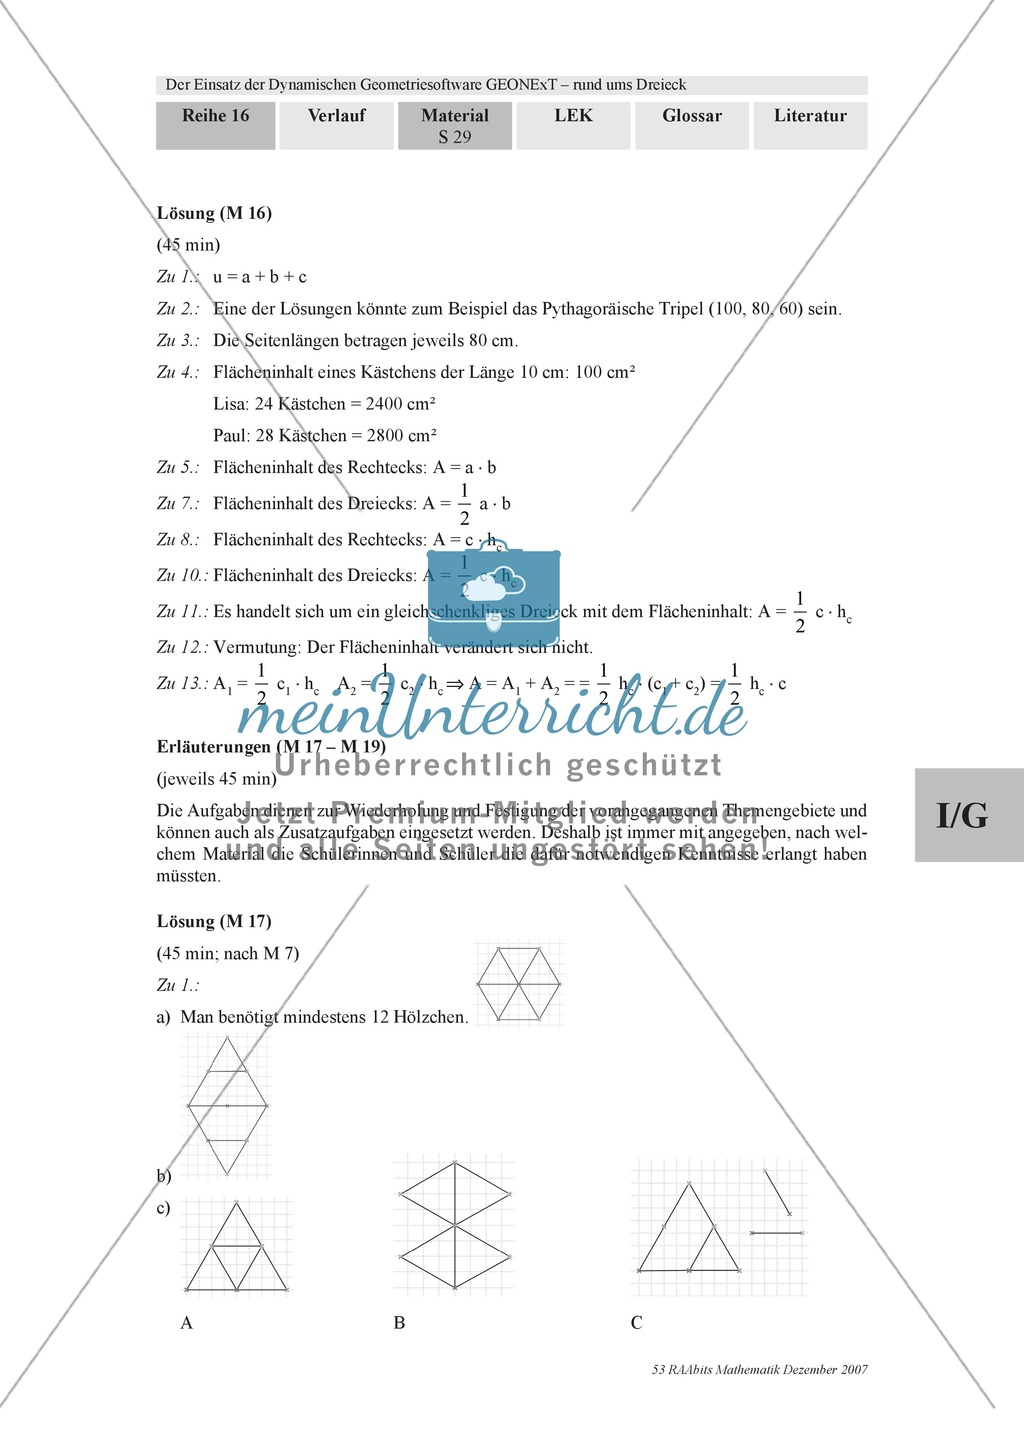 GEONExT-Geometriesoftware: Einteilung von Dreiecken nach Winkeln und Seiten Preview 9